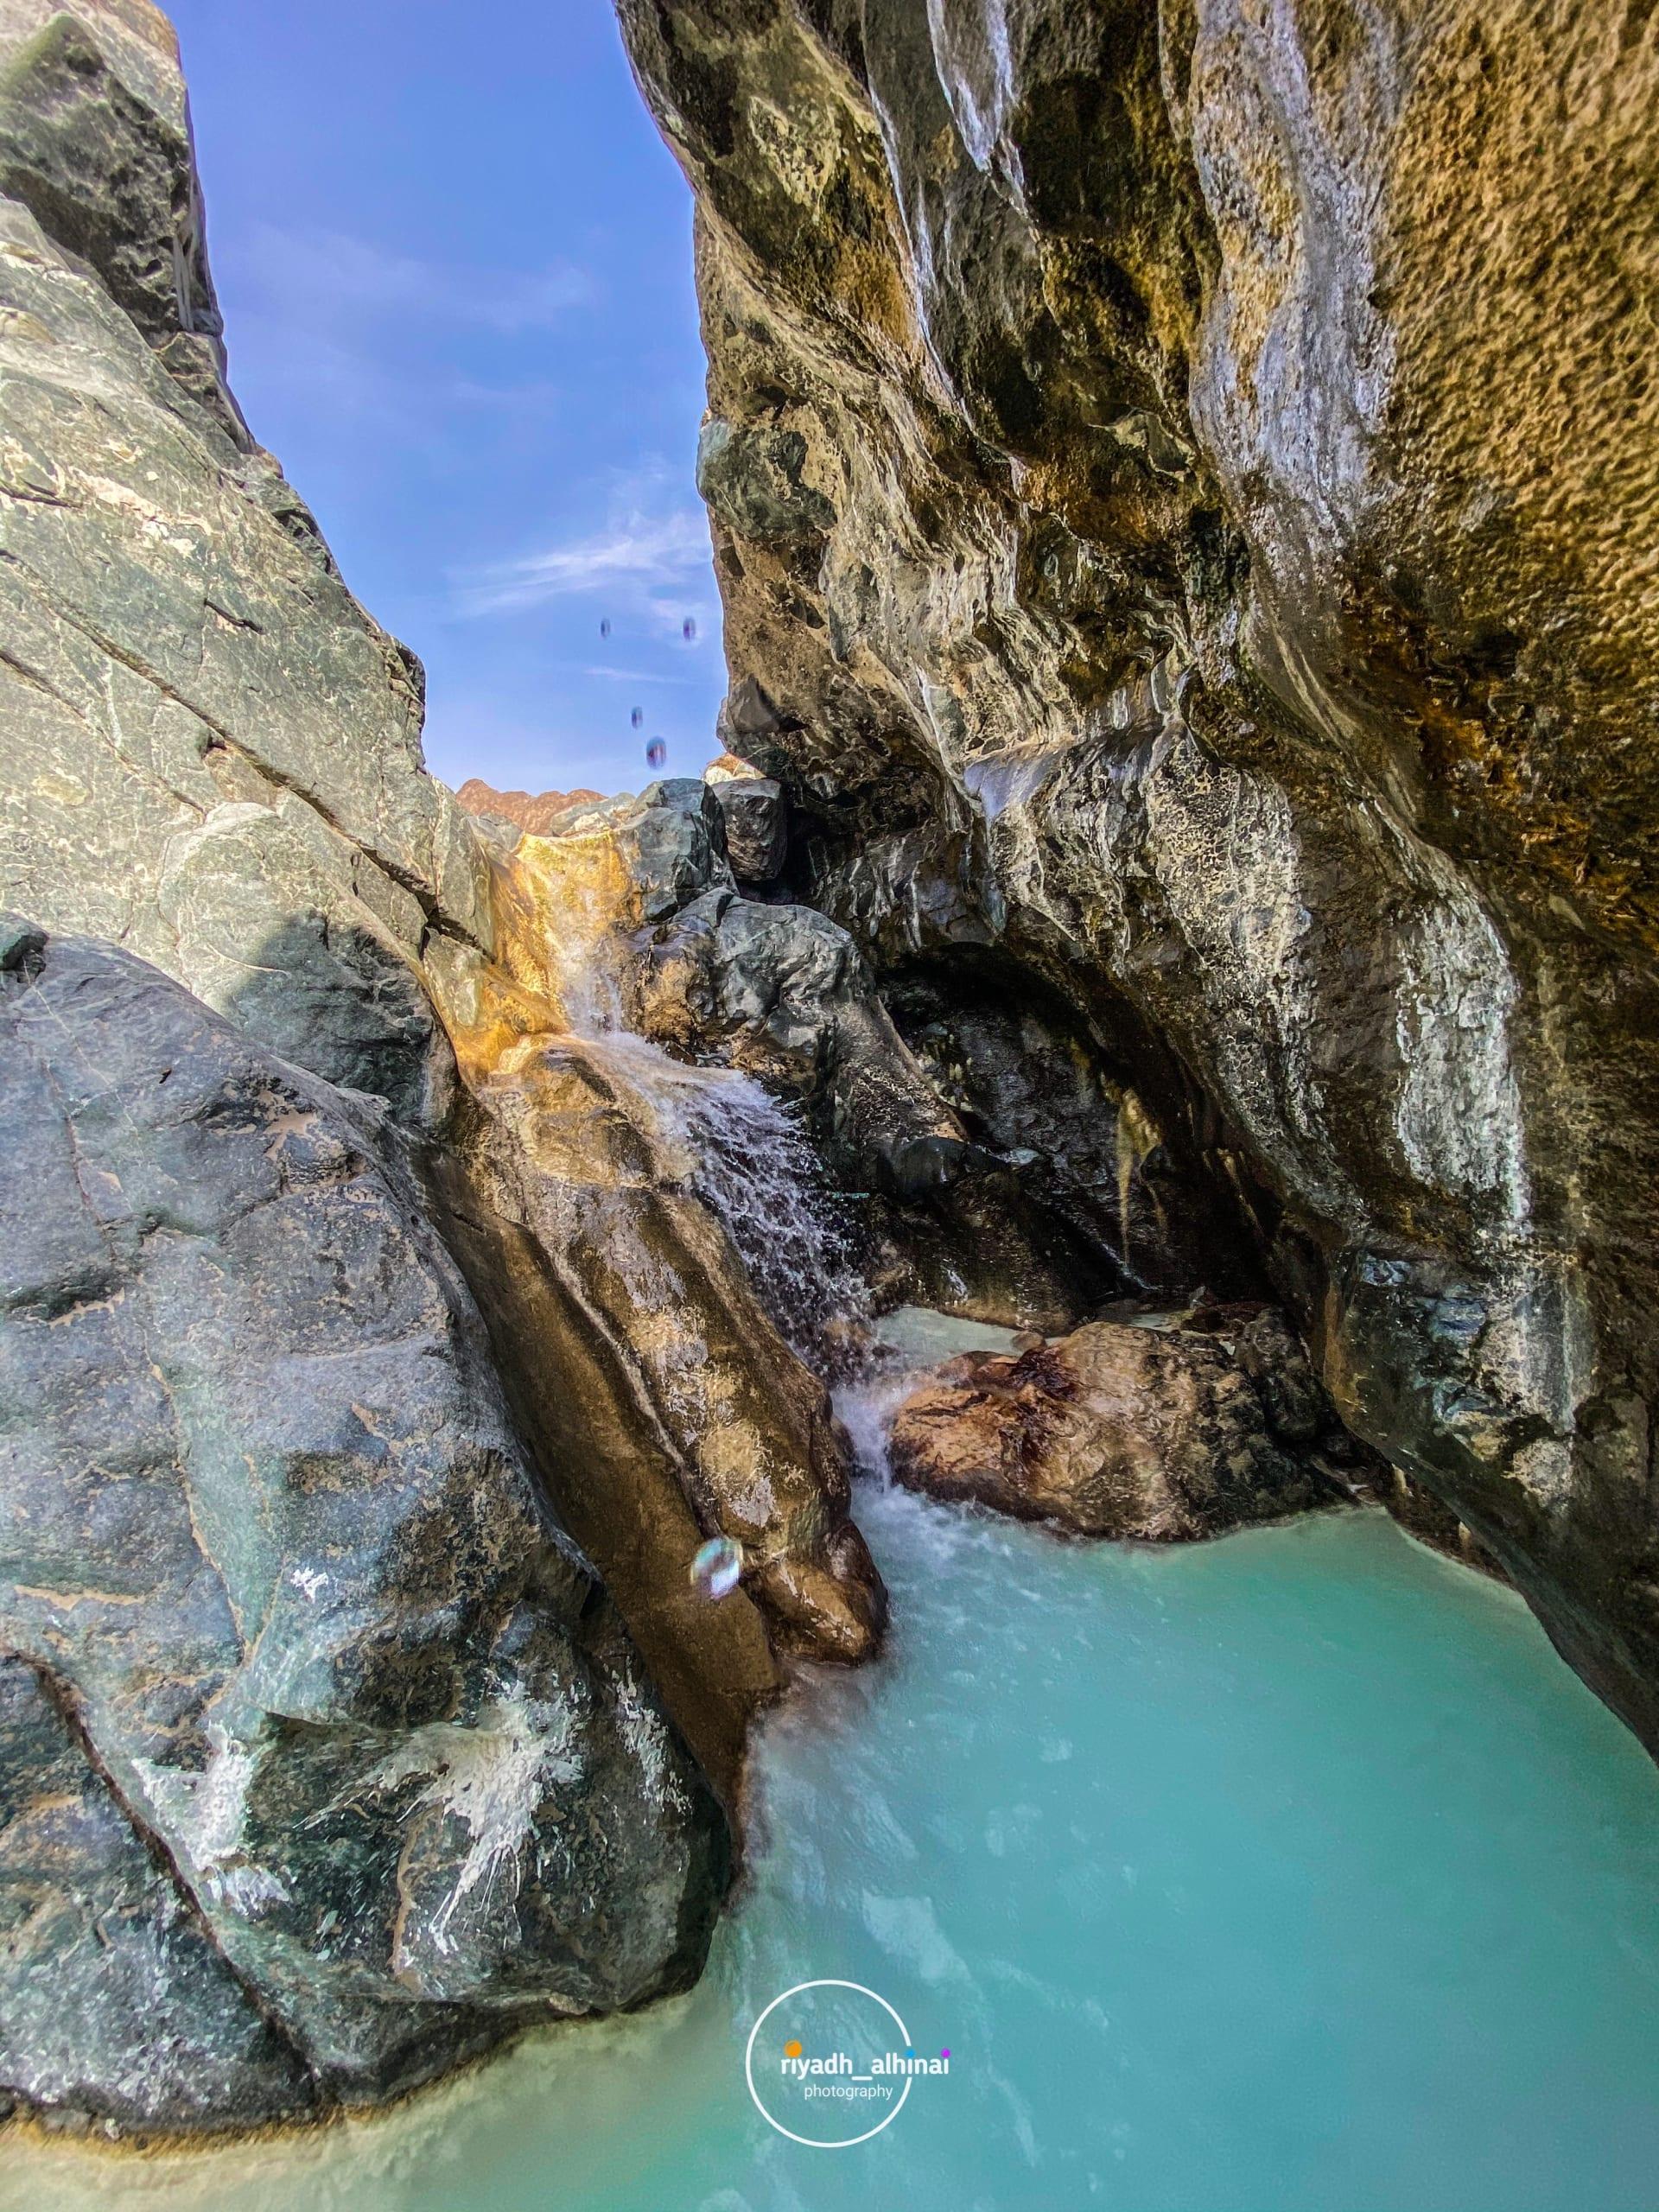 أشبه بحمام سباحة من صنع الطبيعة..اكتشف عين مياه قرية بات في عُمان